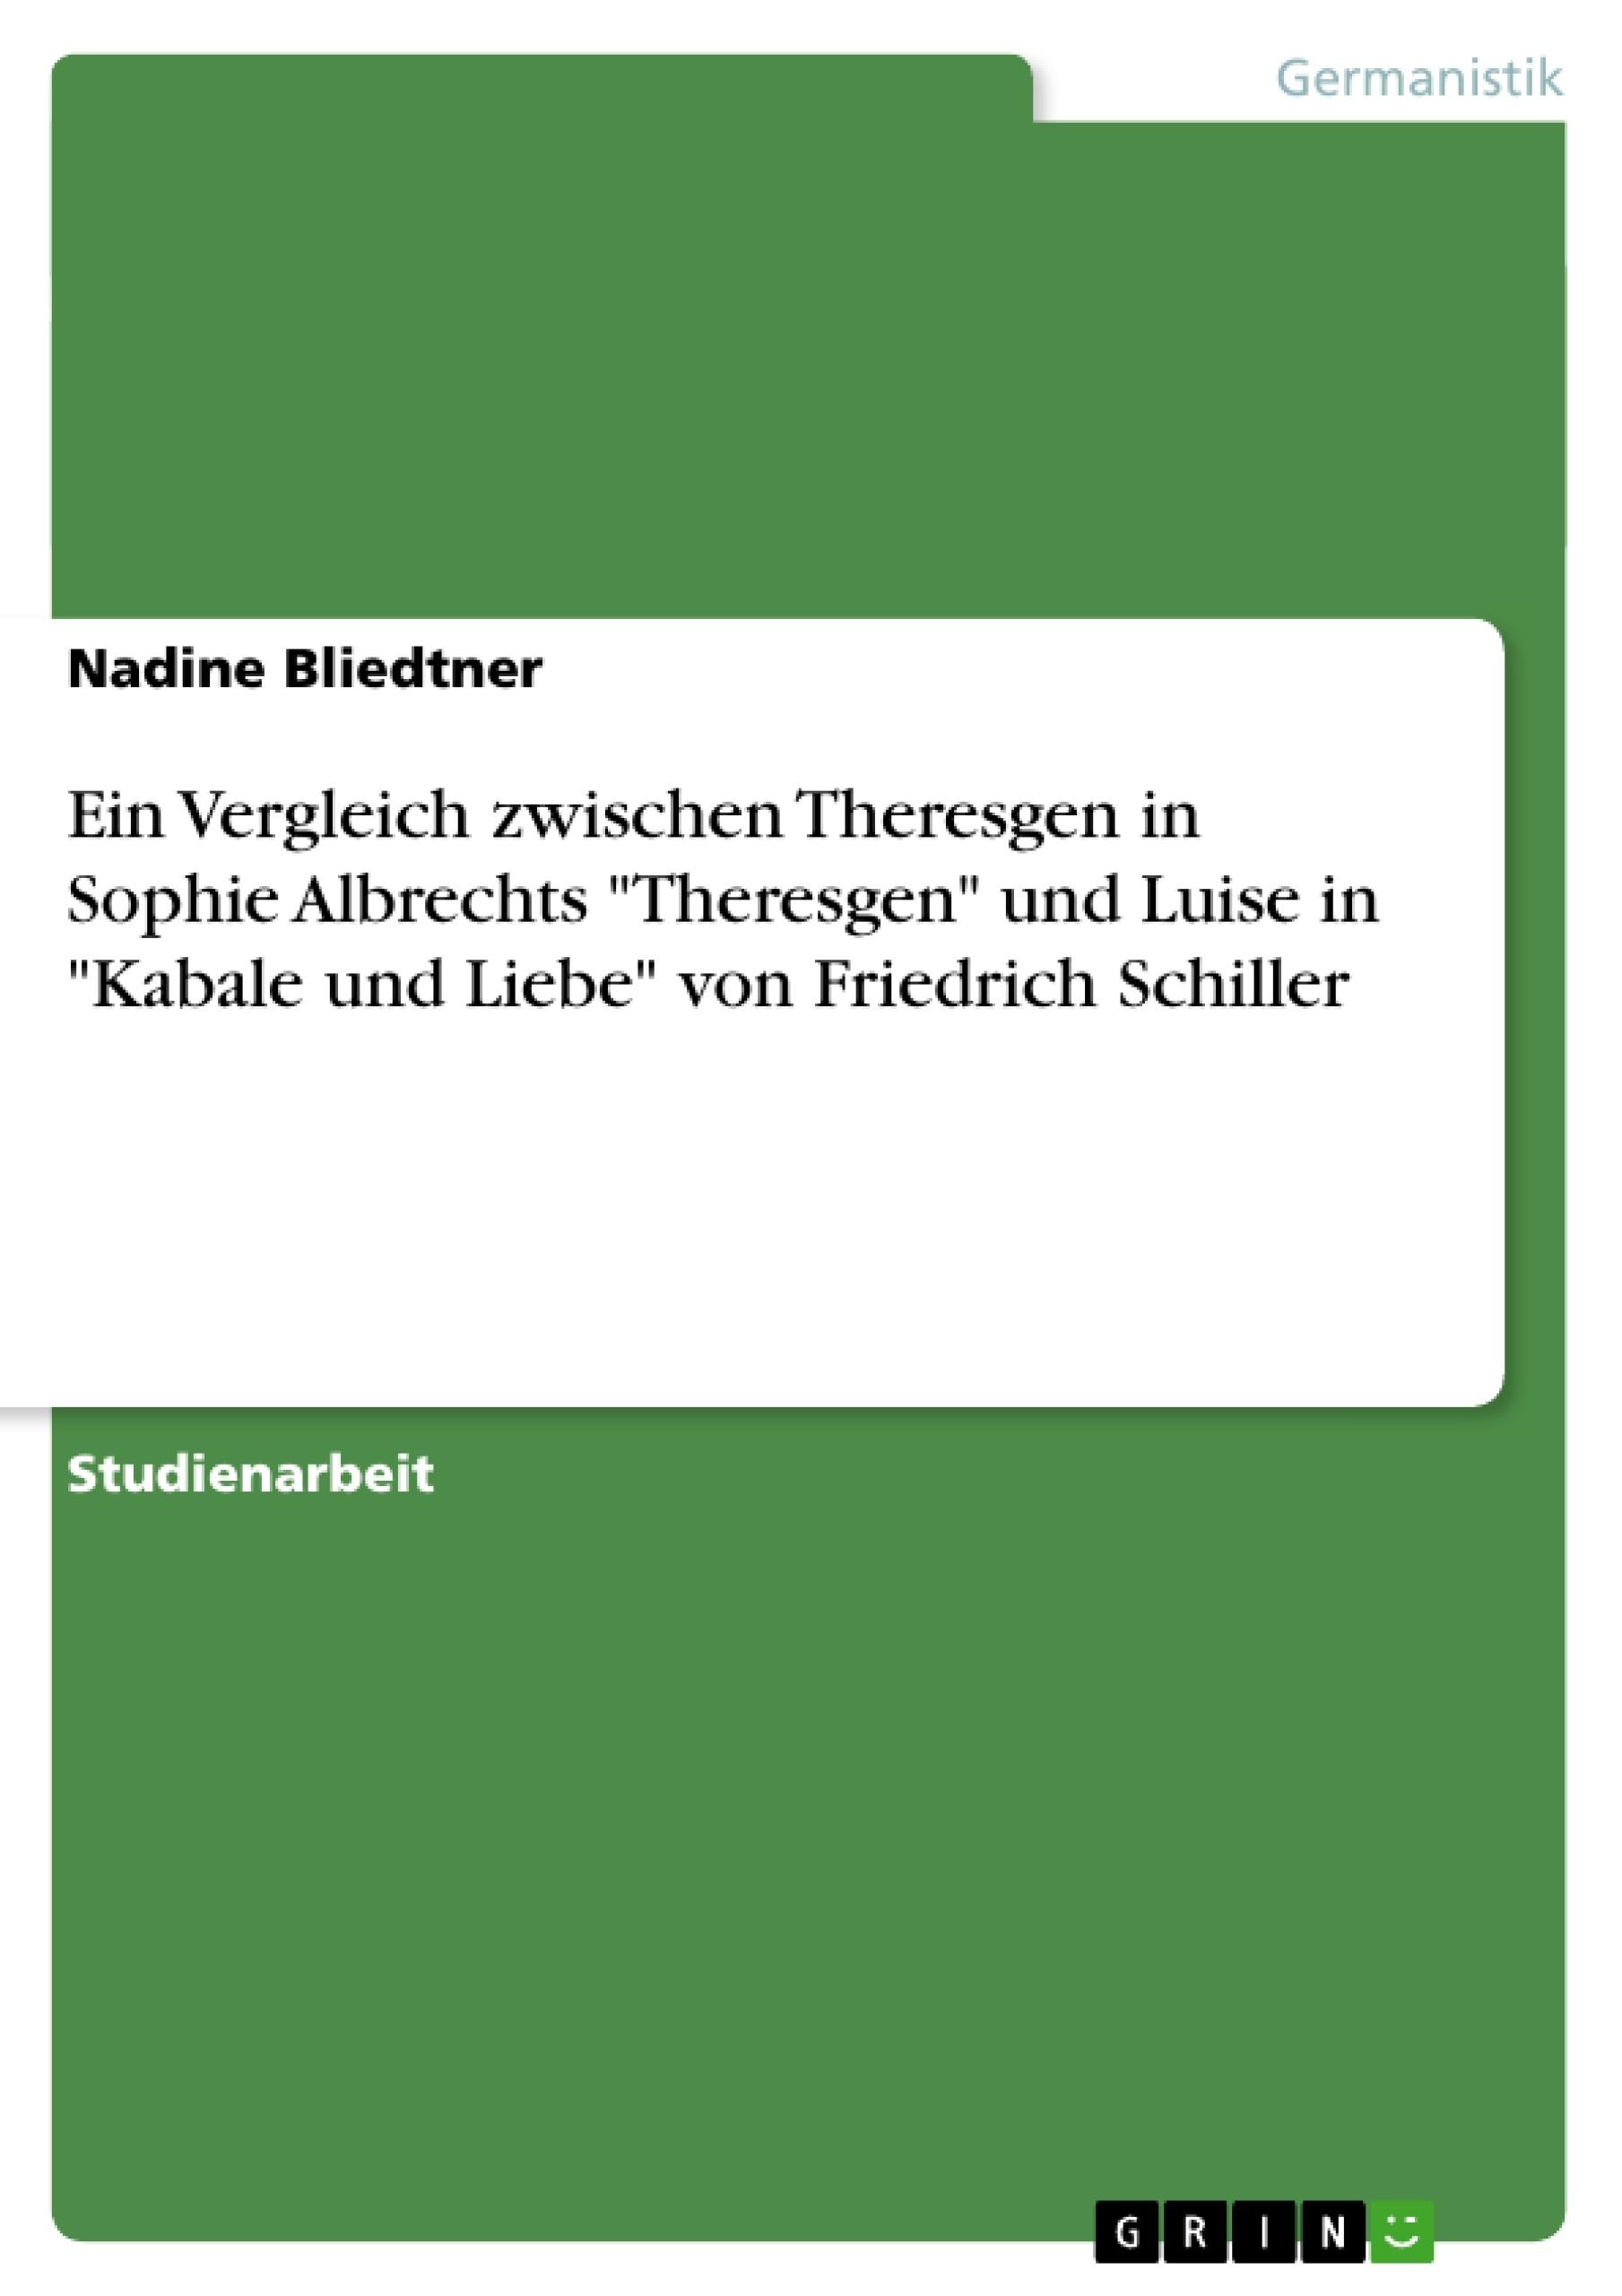 """Titel: Ein Vergleich zwischen Theresgen in Sophie Albrechts """"Theresgen"""" und Luise in """"Kabale und Liebe"""" von Friedrich Schiller"""